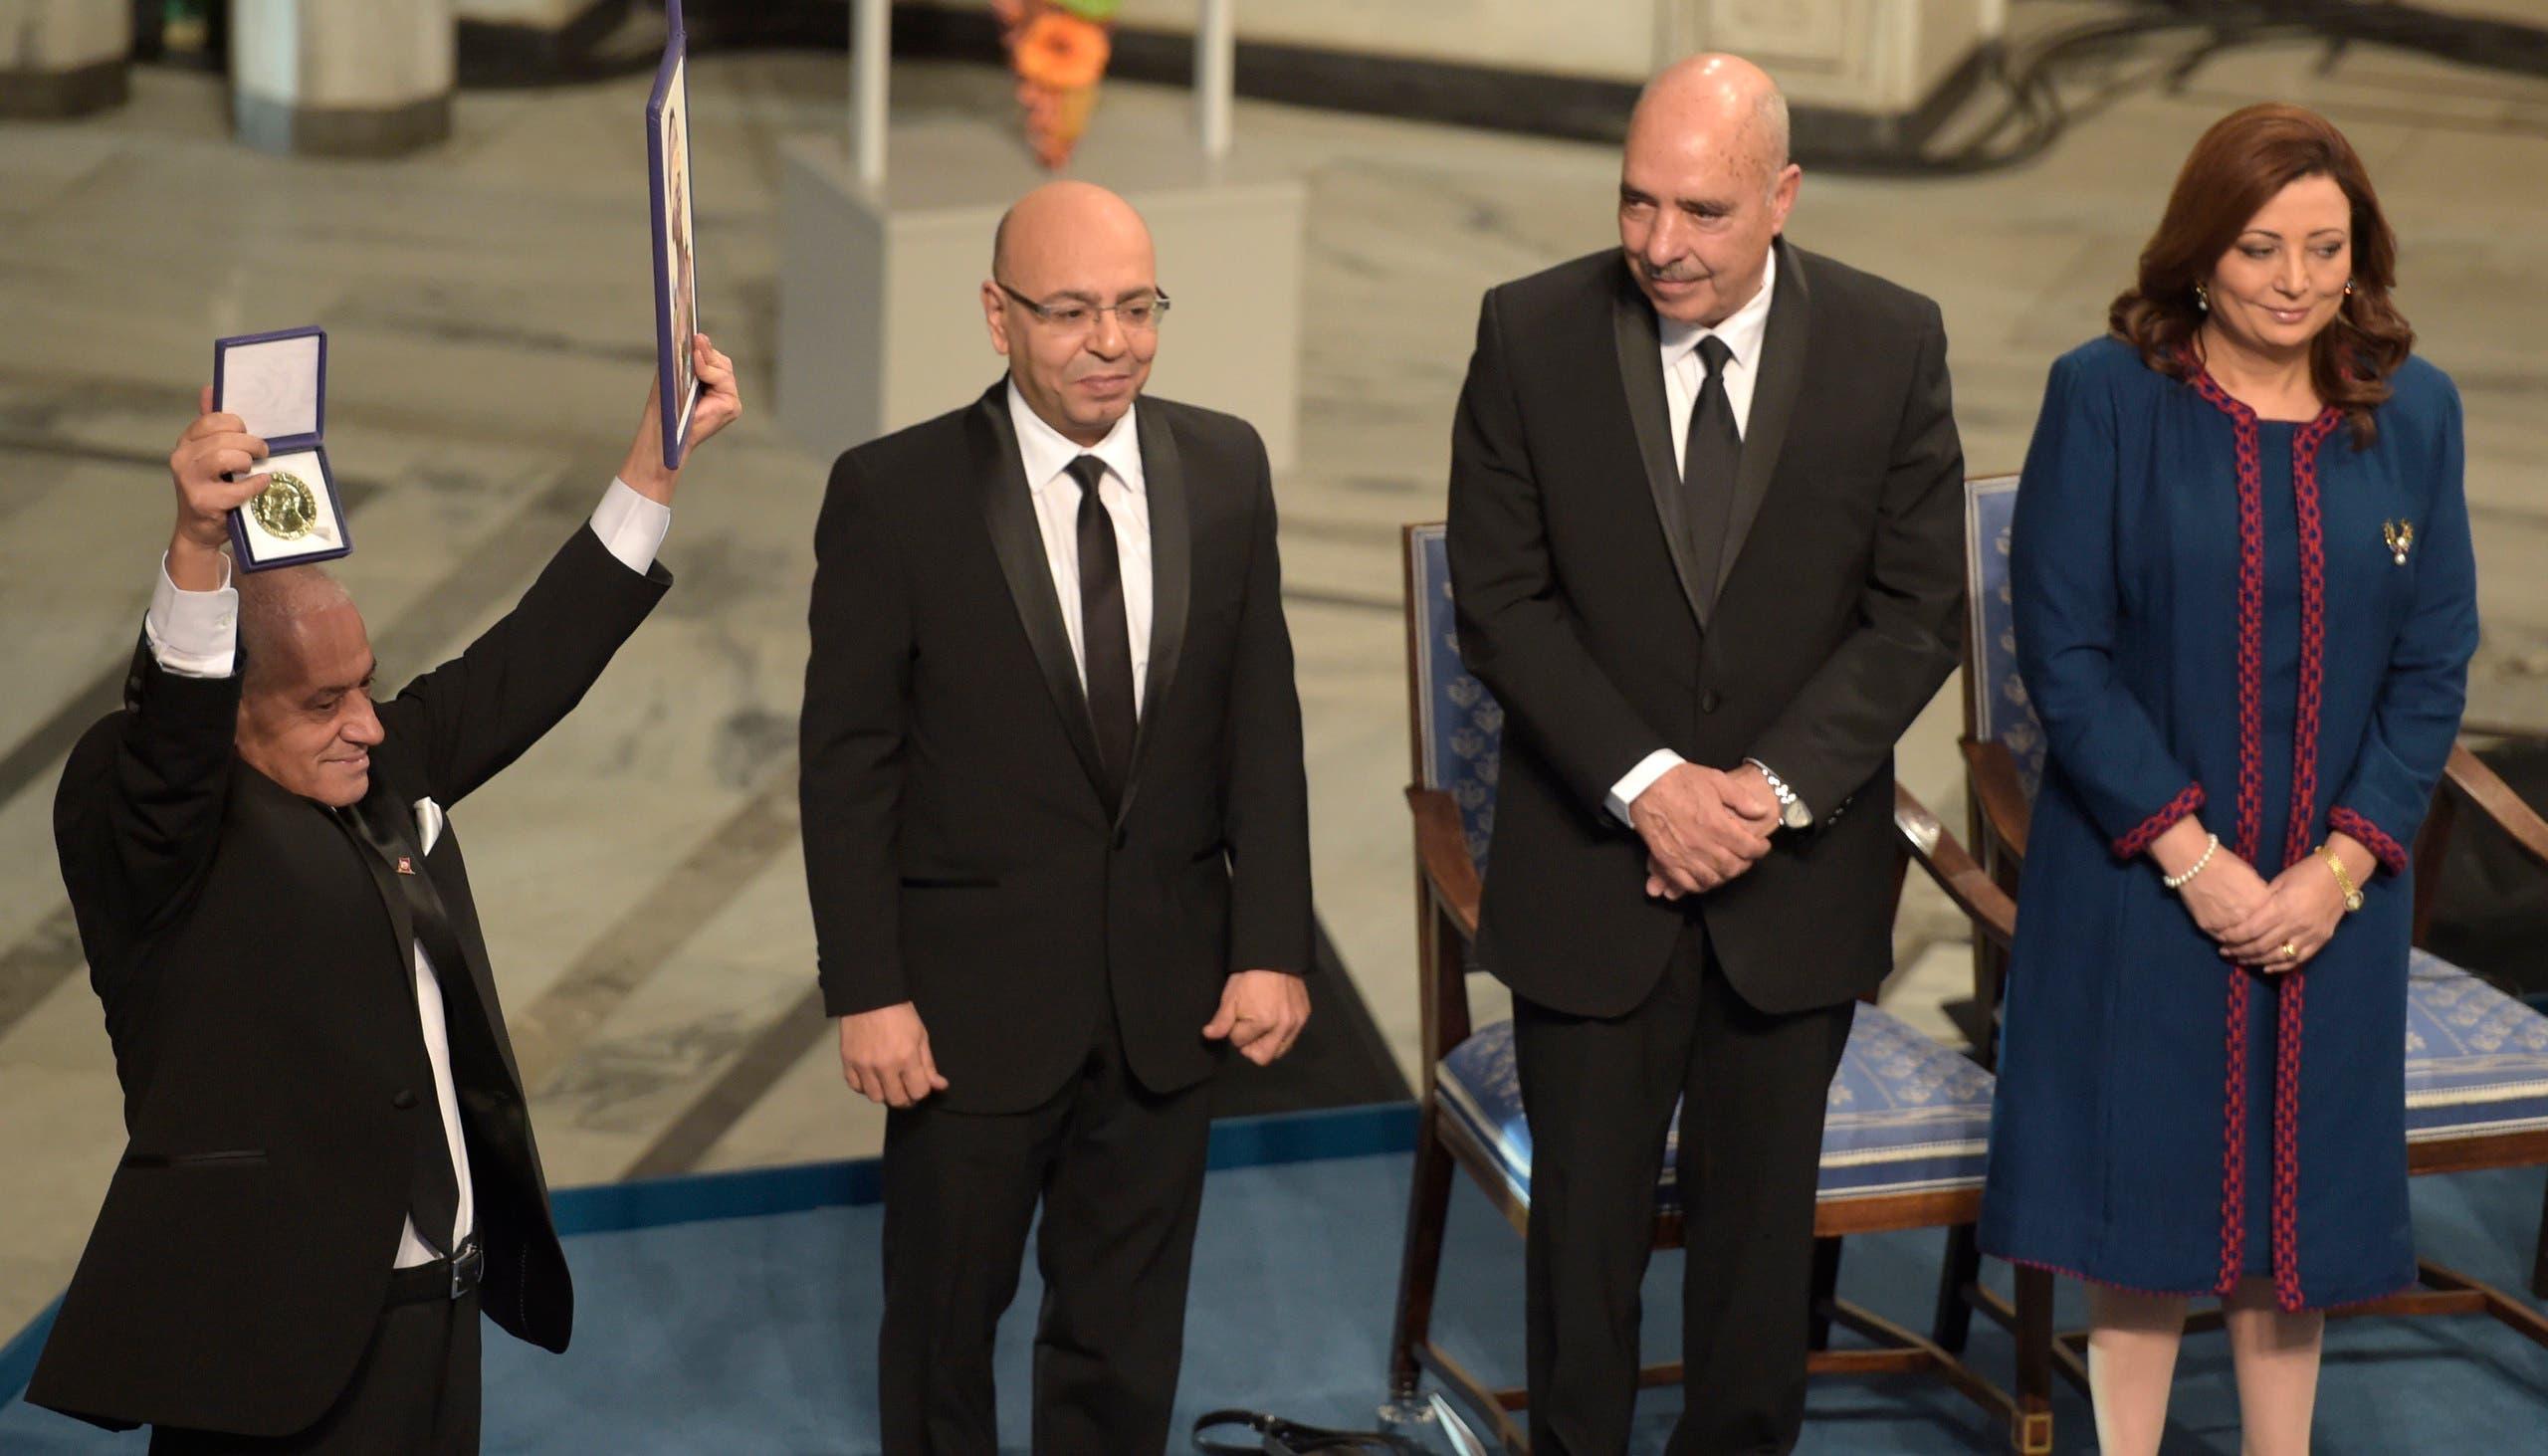 رباعية الحوار بتونس تتسلم الجائزة في 2015